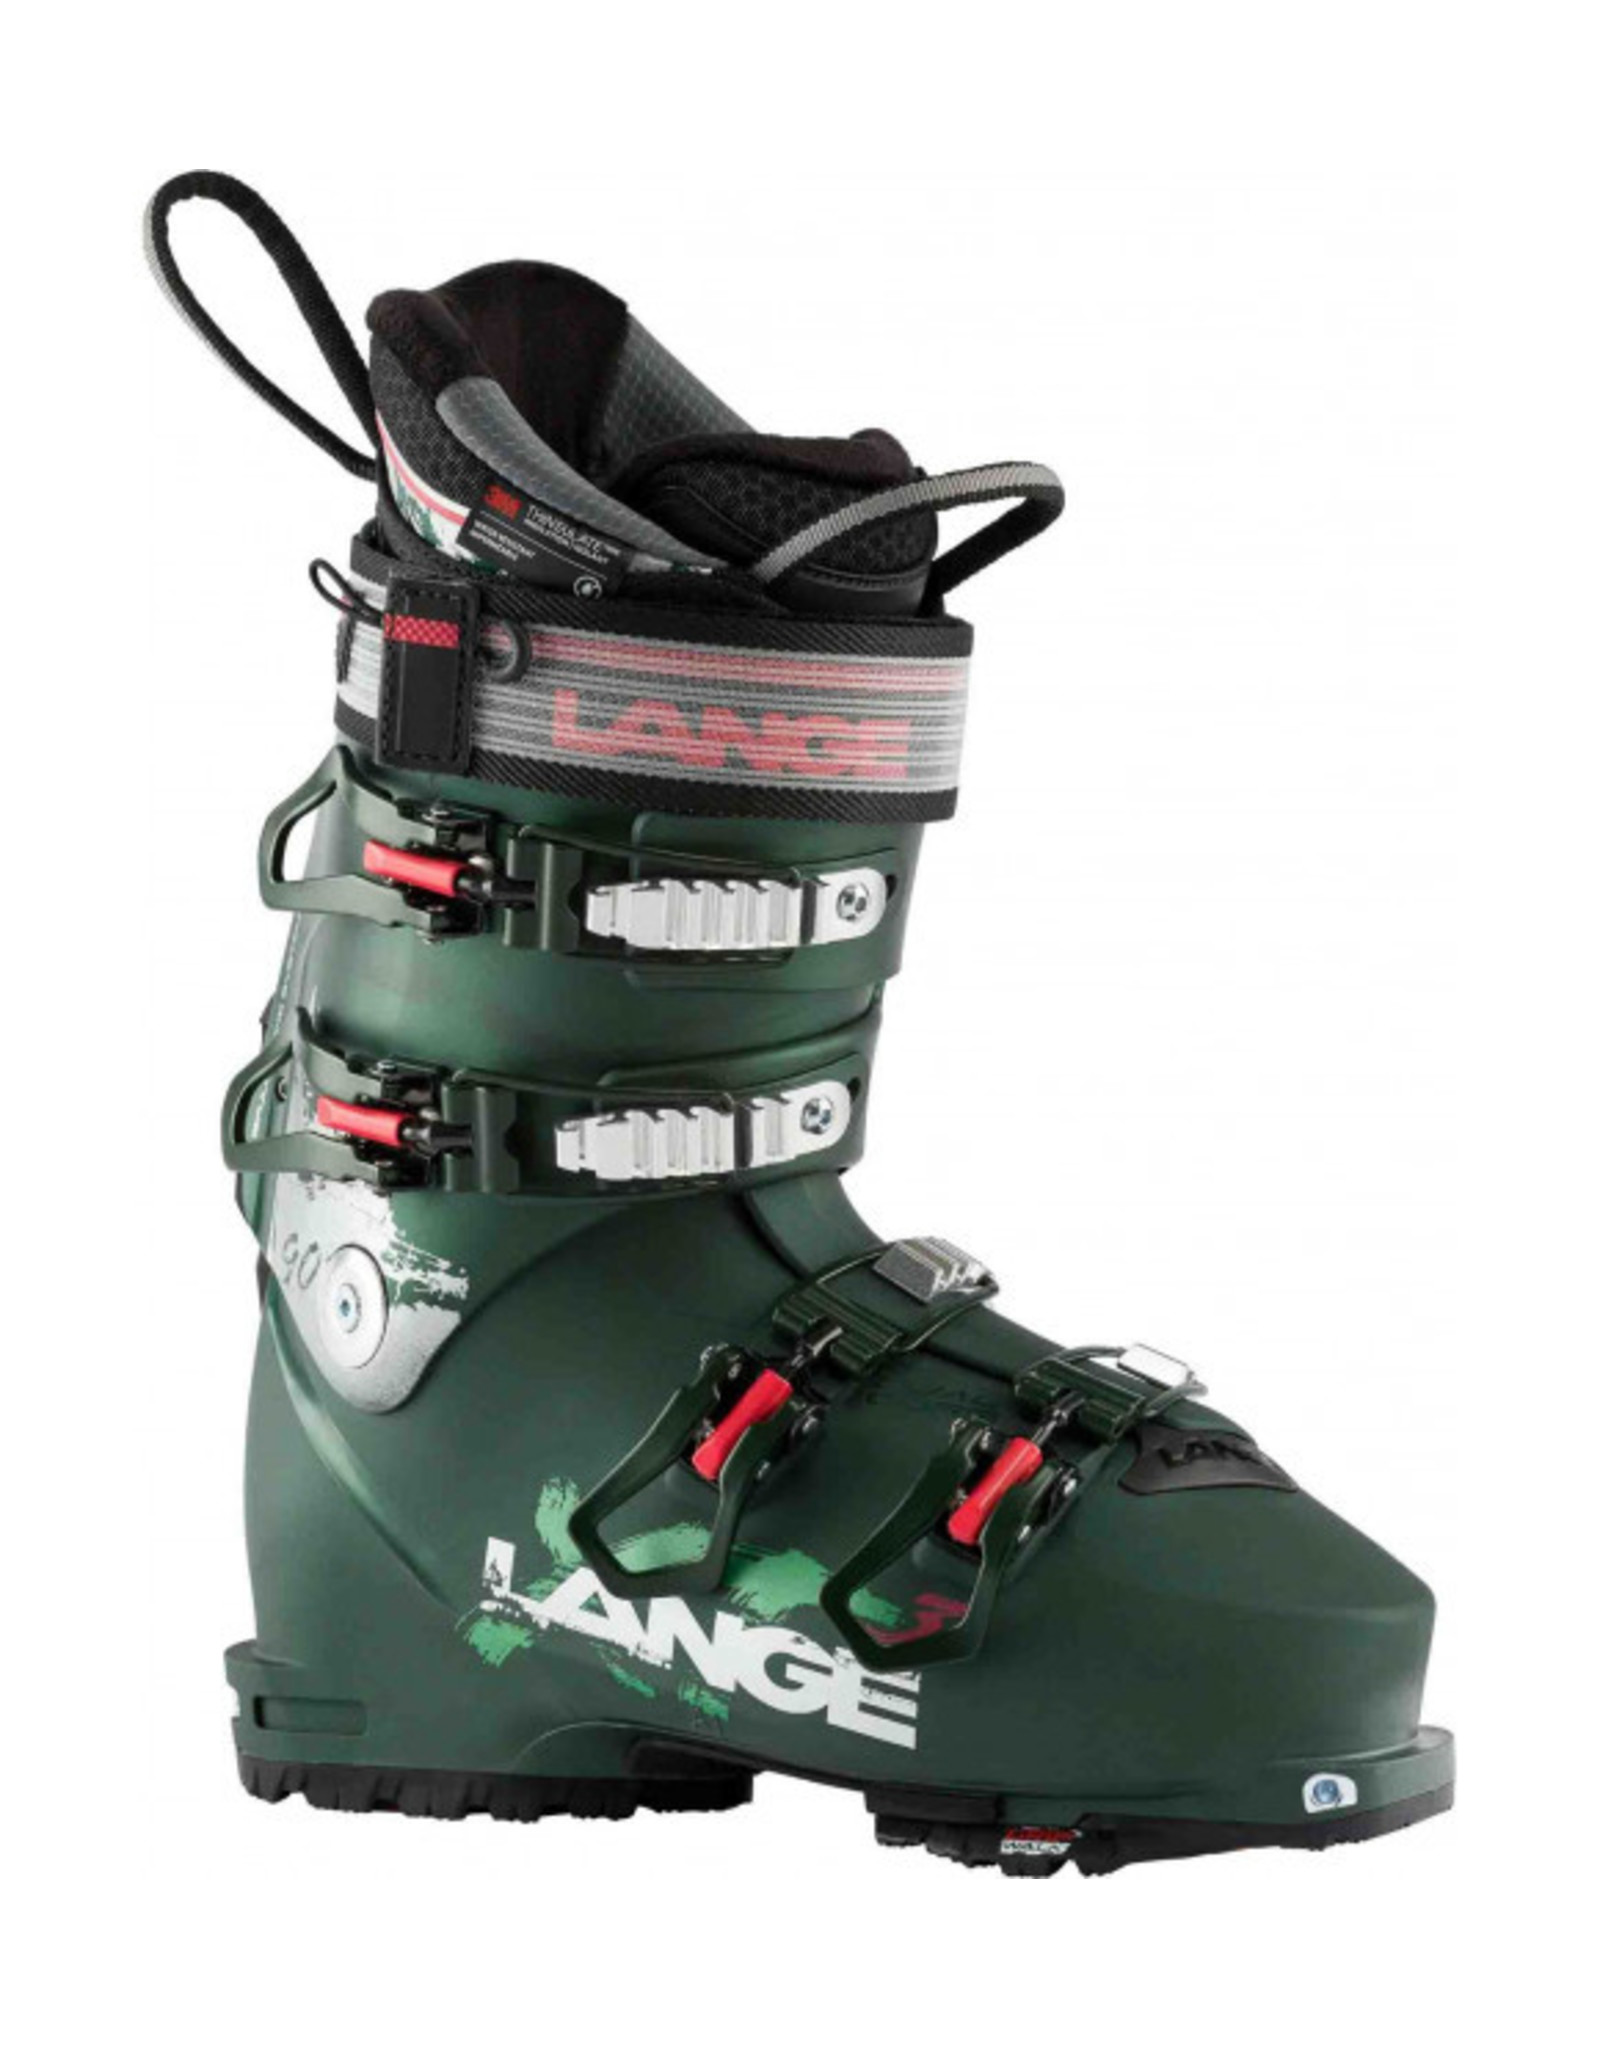 XT3 90 W GRIPWALK (Dark Green) 2022